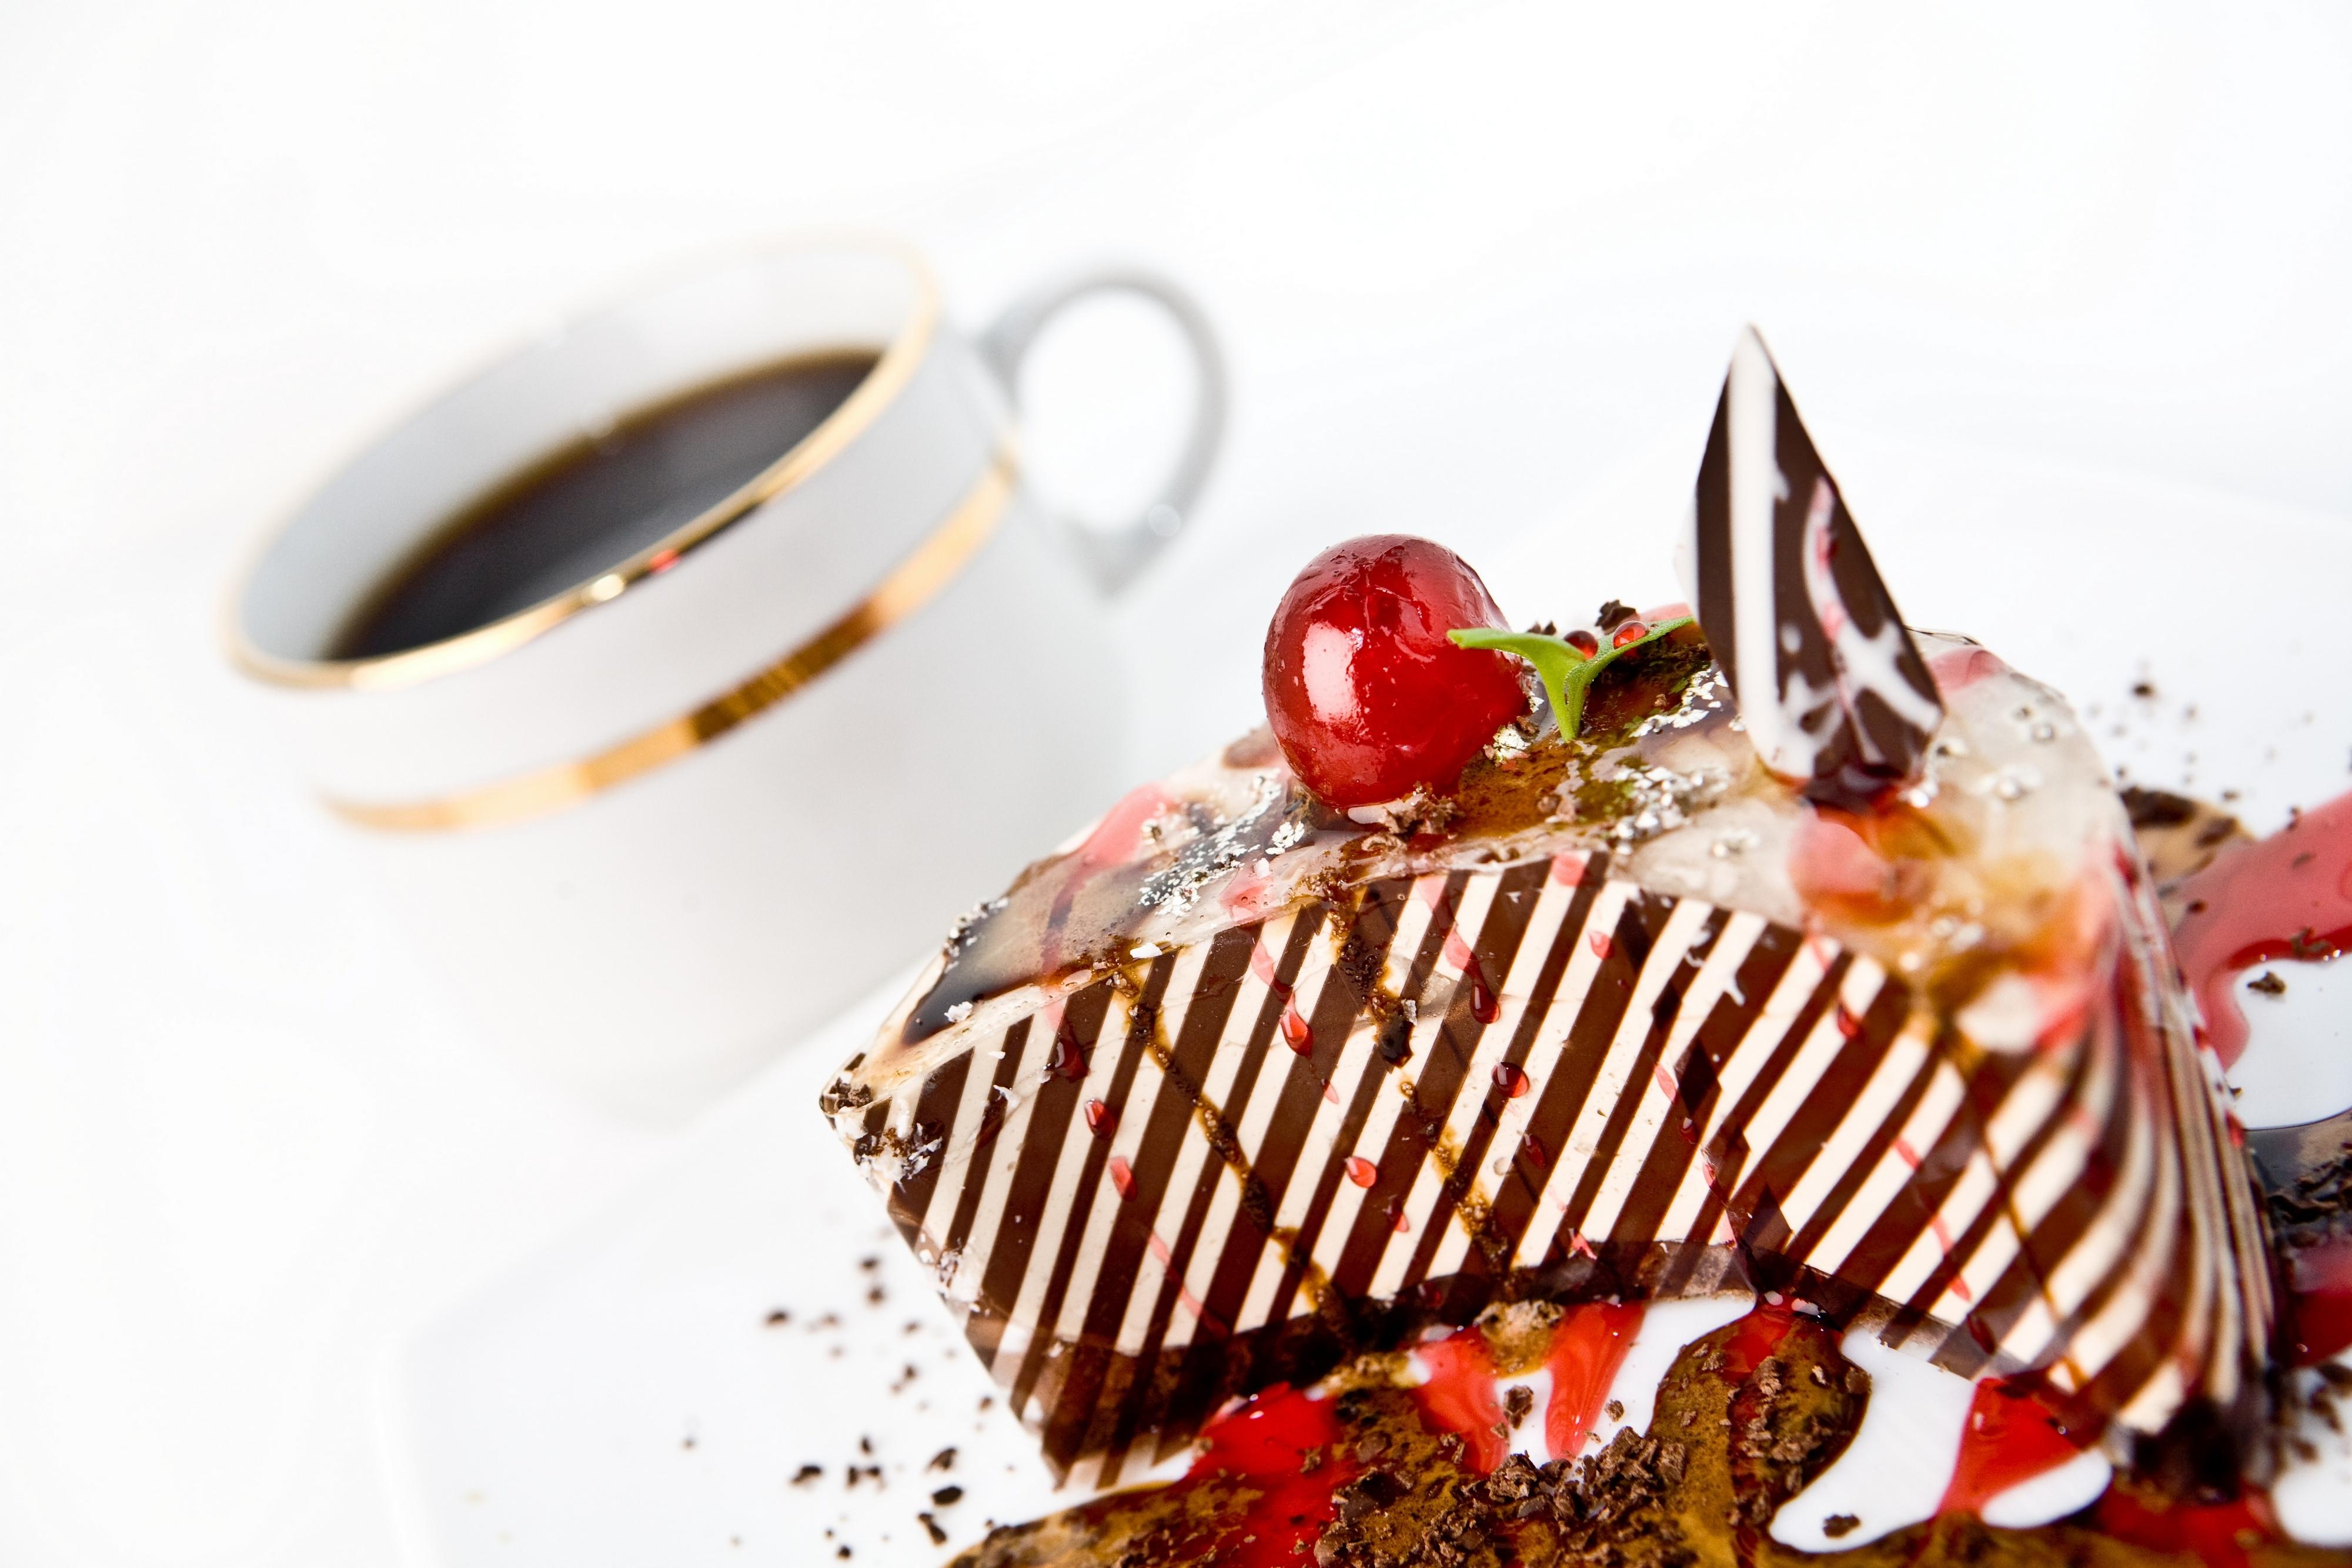 пирожное кусок шоколад тарелка загрузить